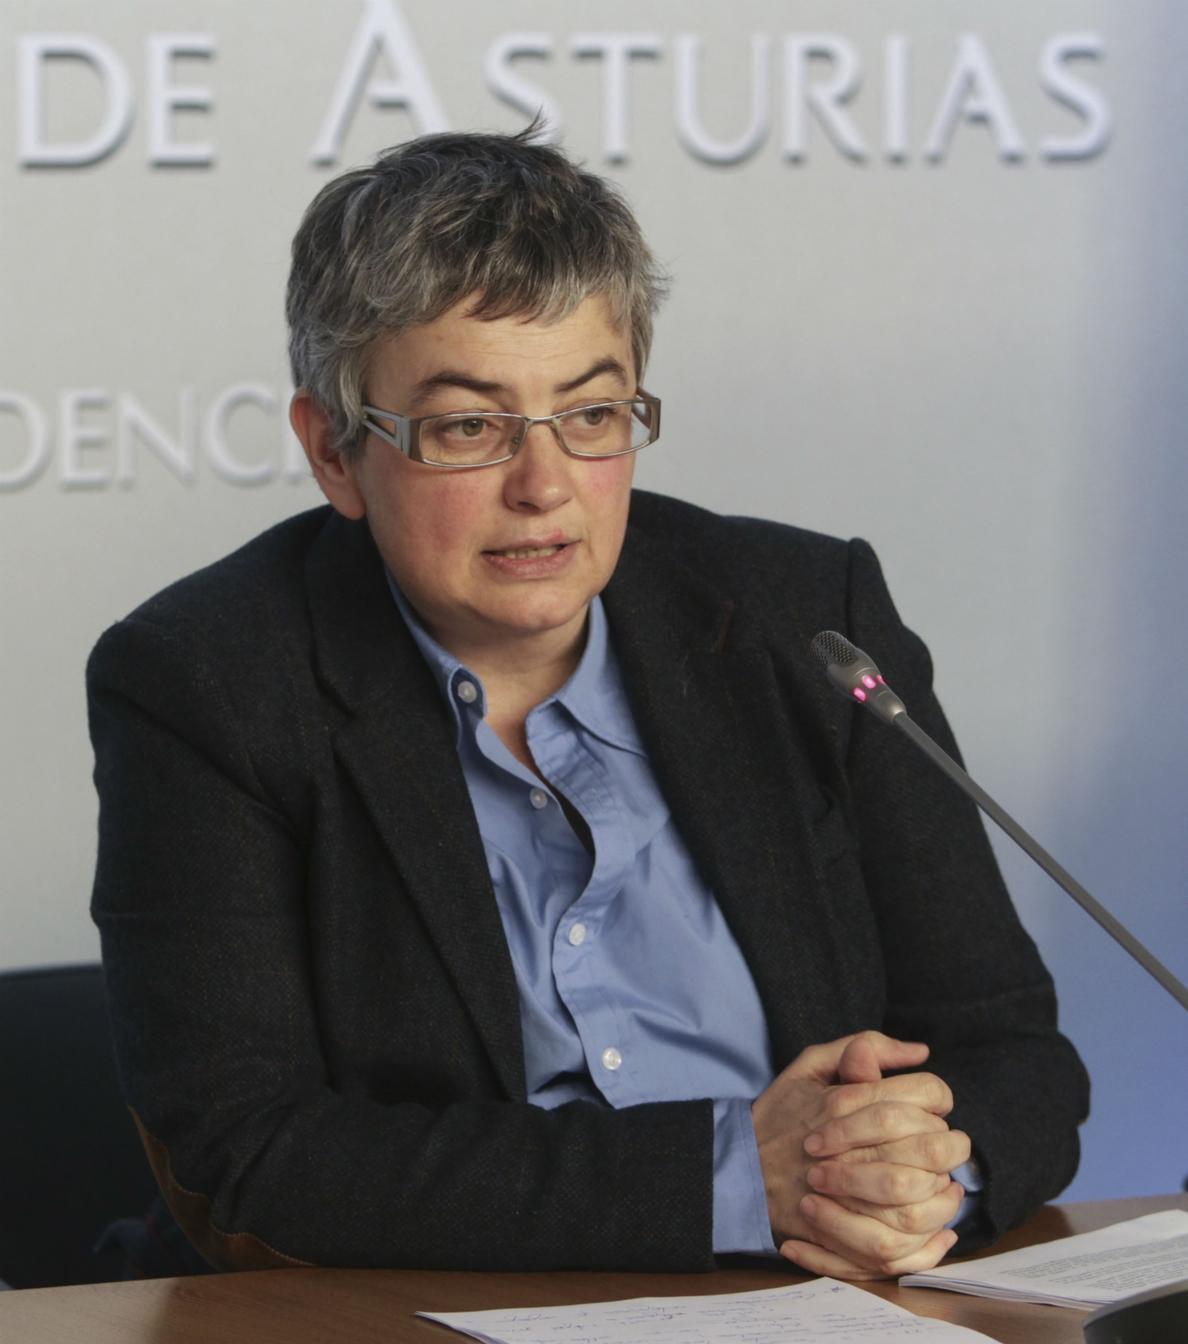 El Principado reprocha al Gobierno de Rajoy que pacte «con el sector más conservador de la Iglesia católica»